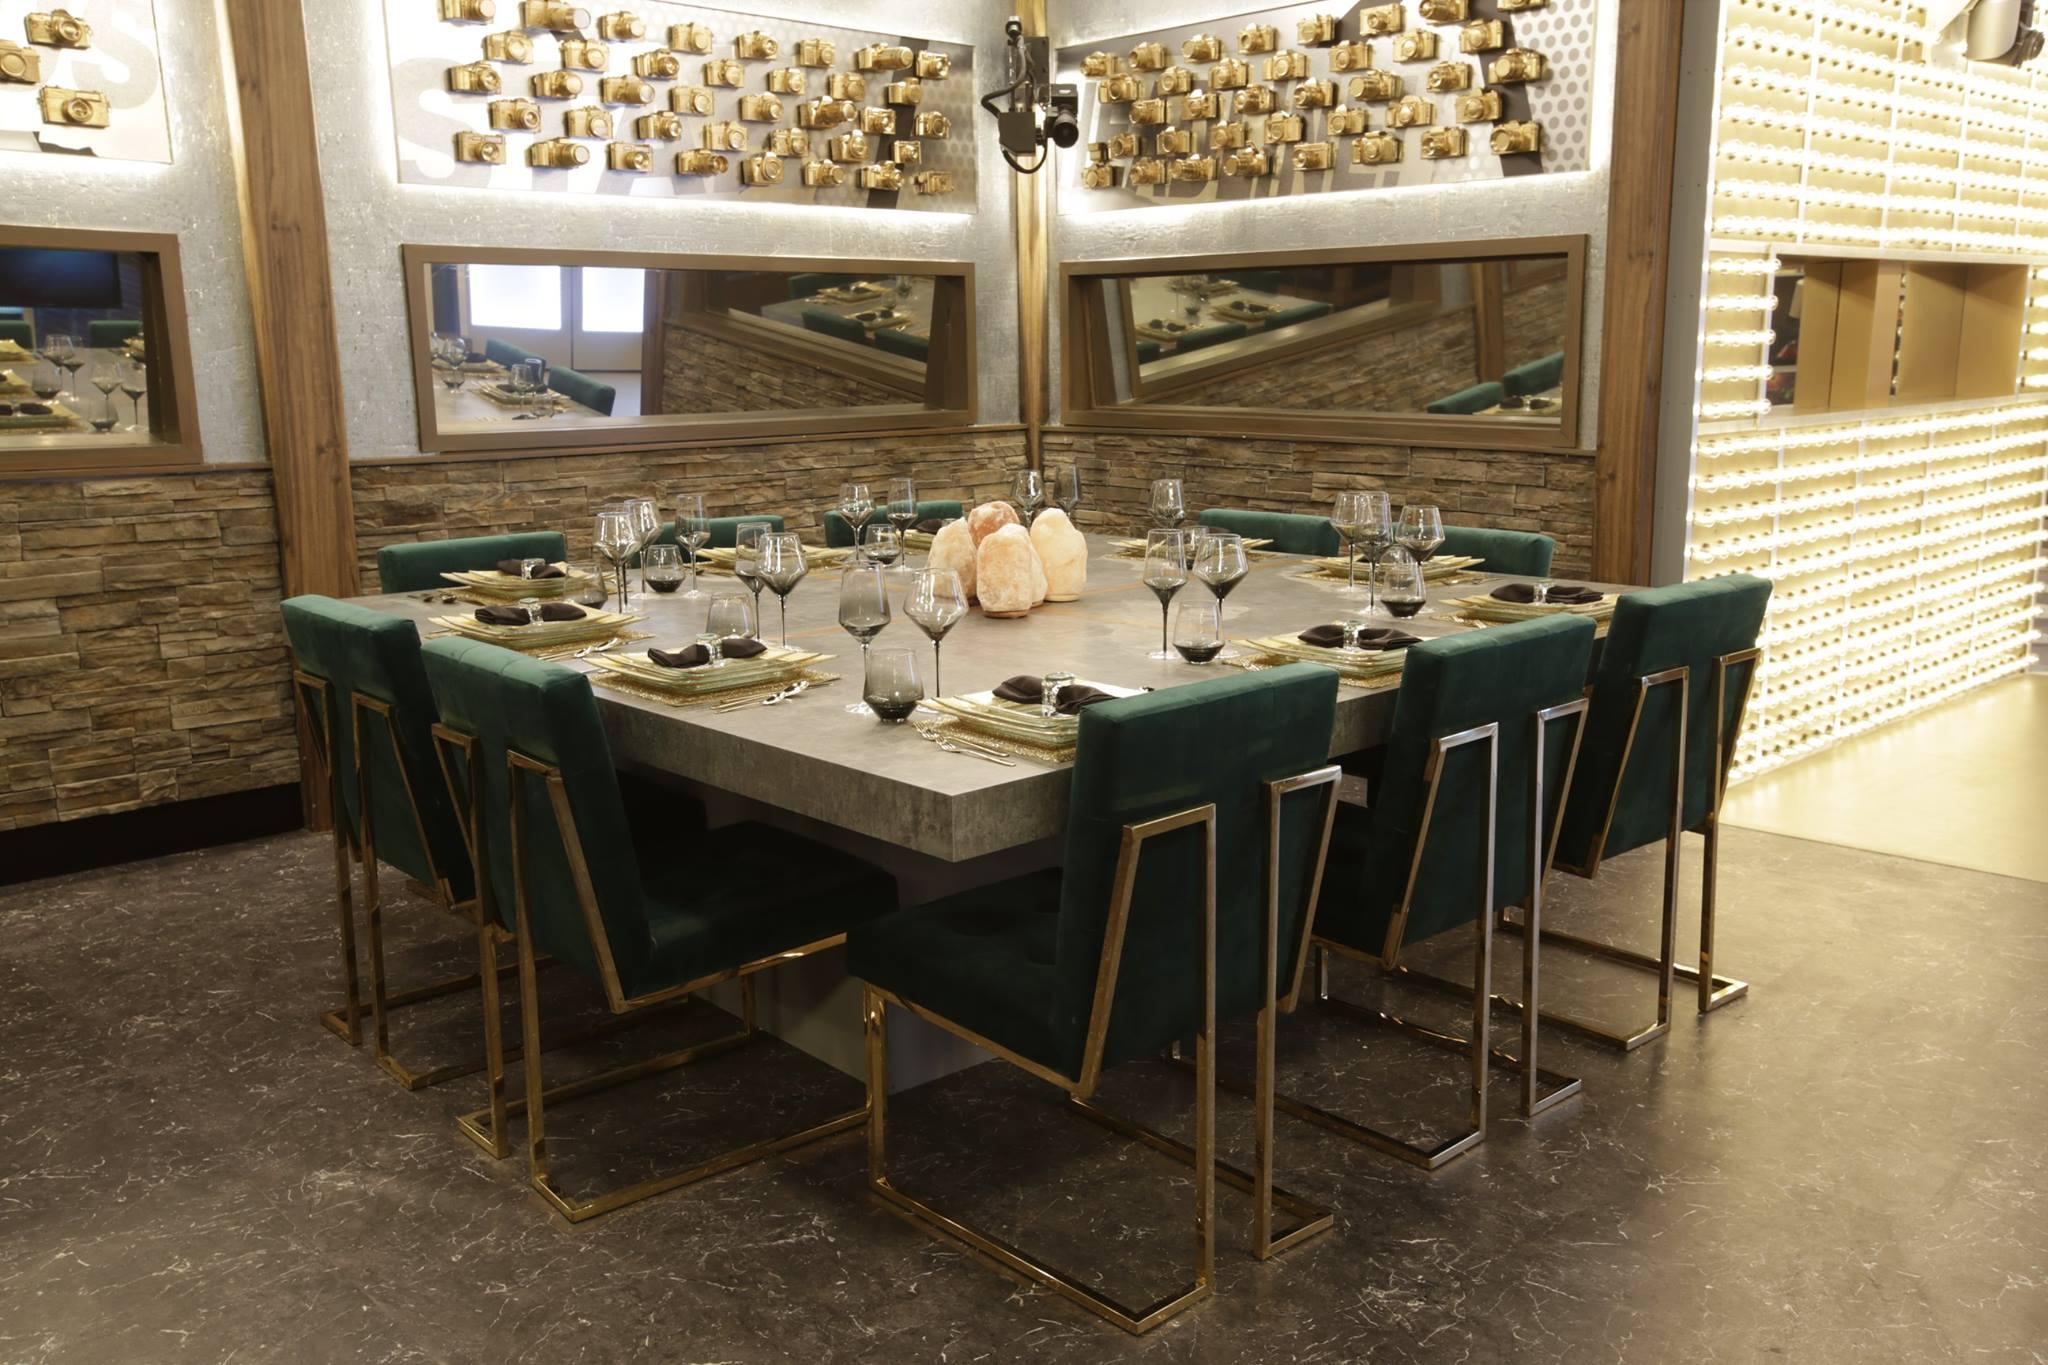 Celebrity Big Brother Dining Room